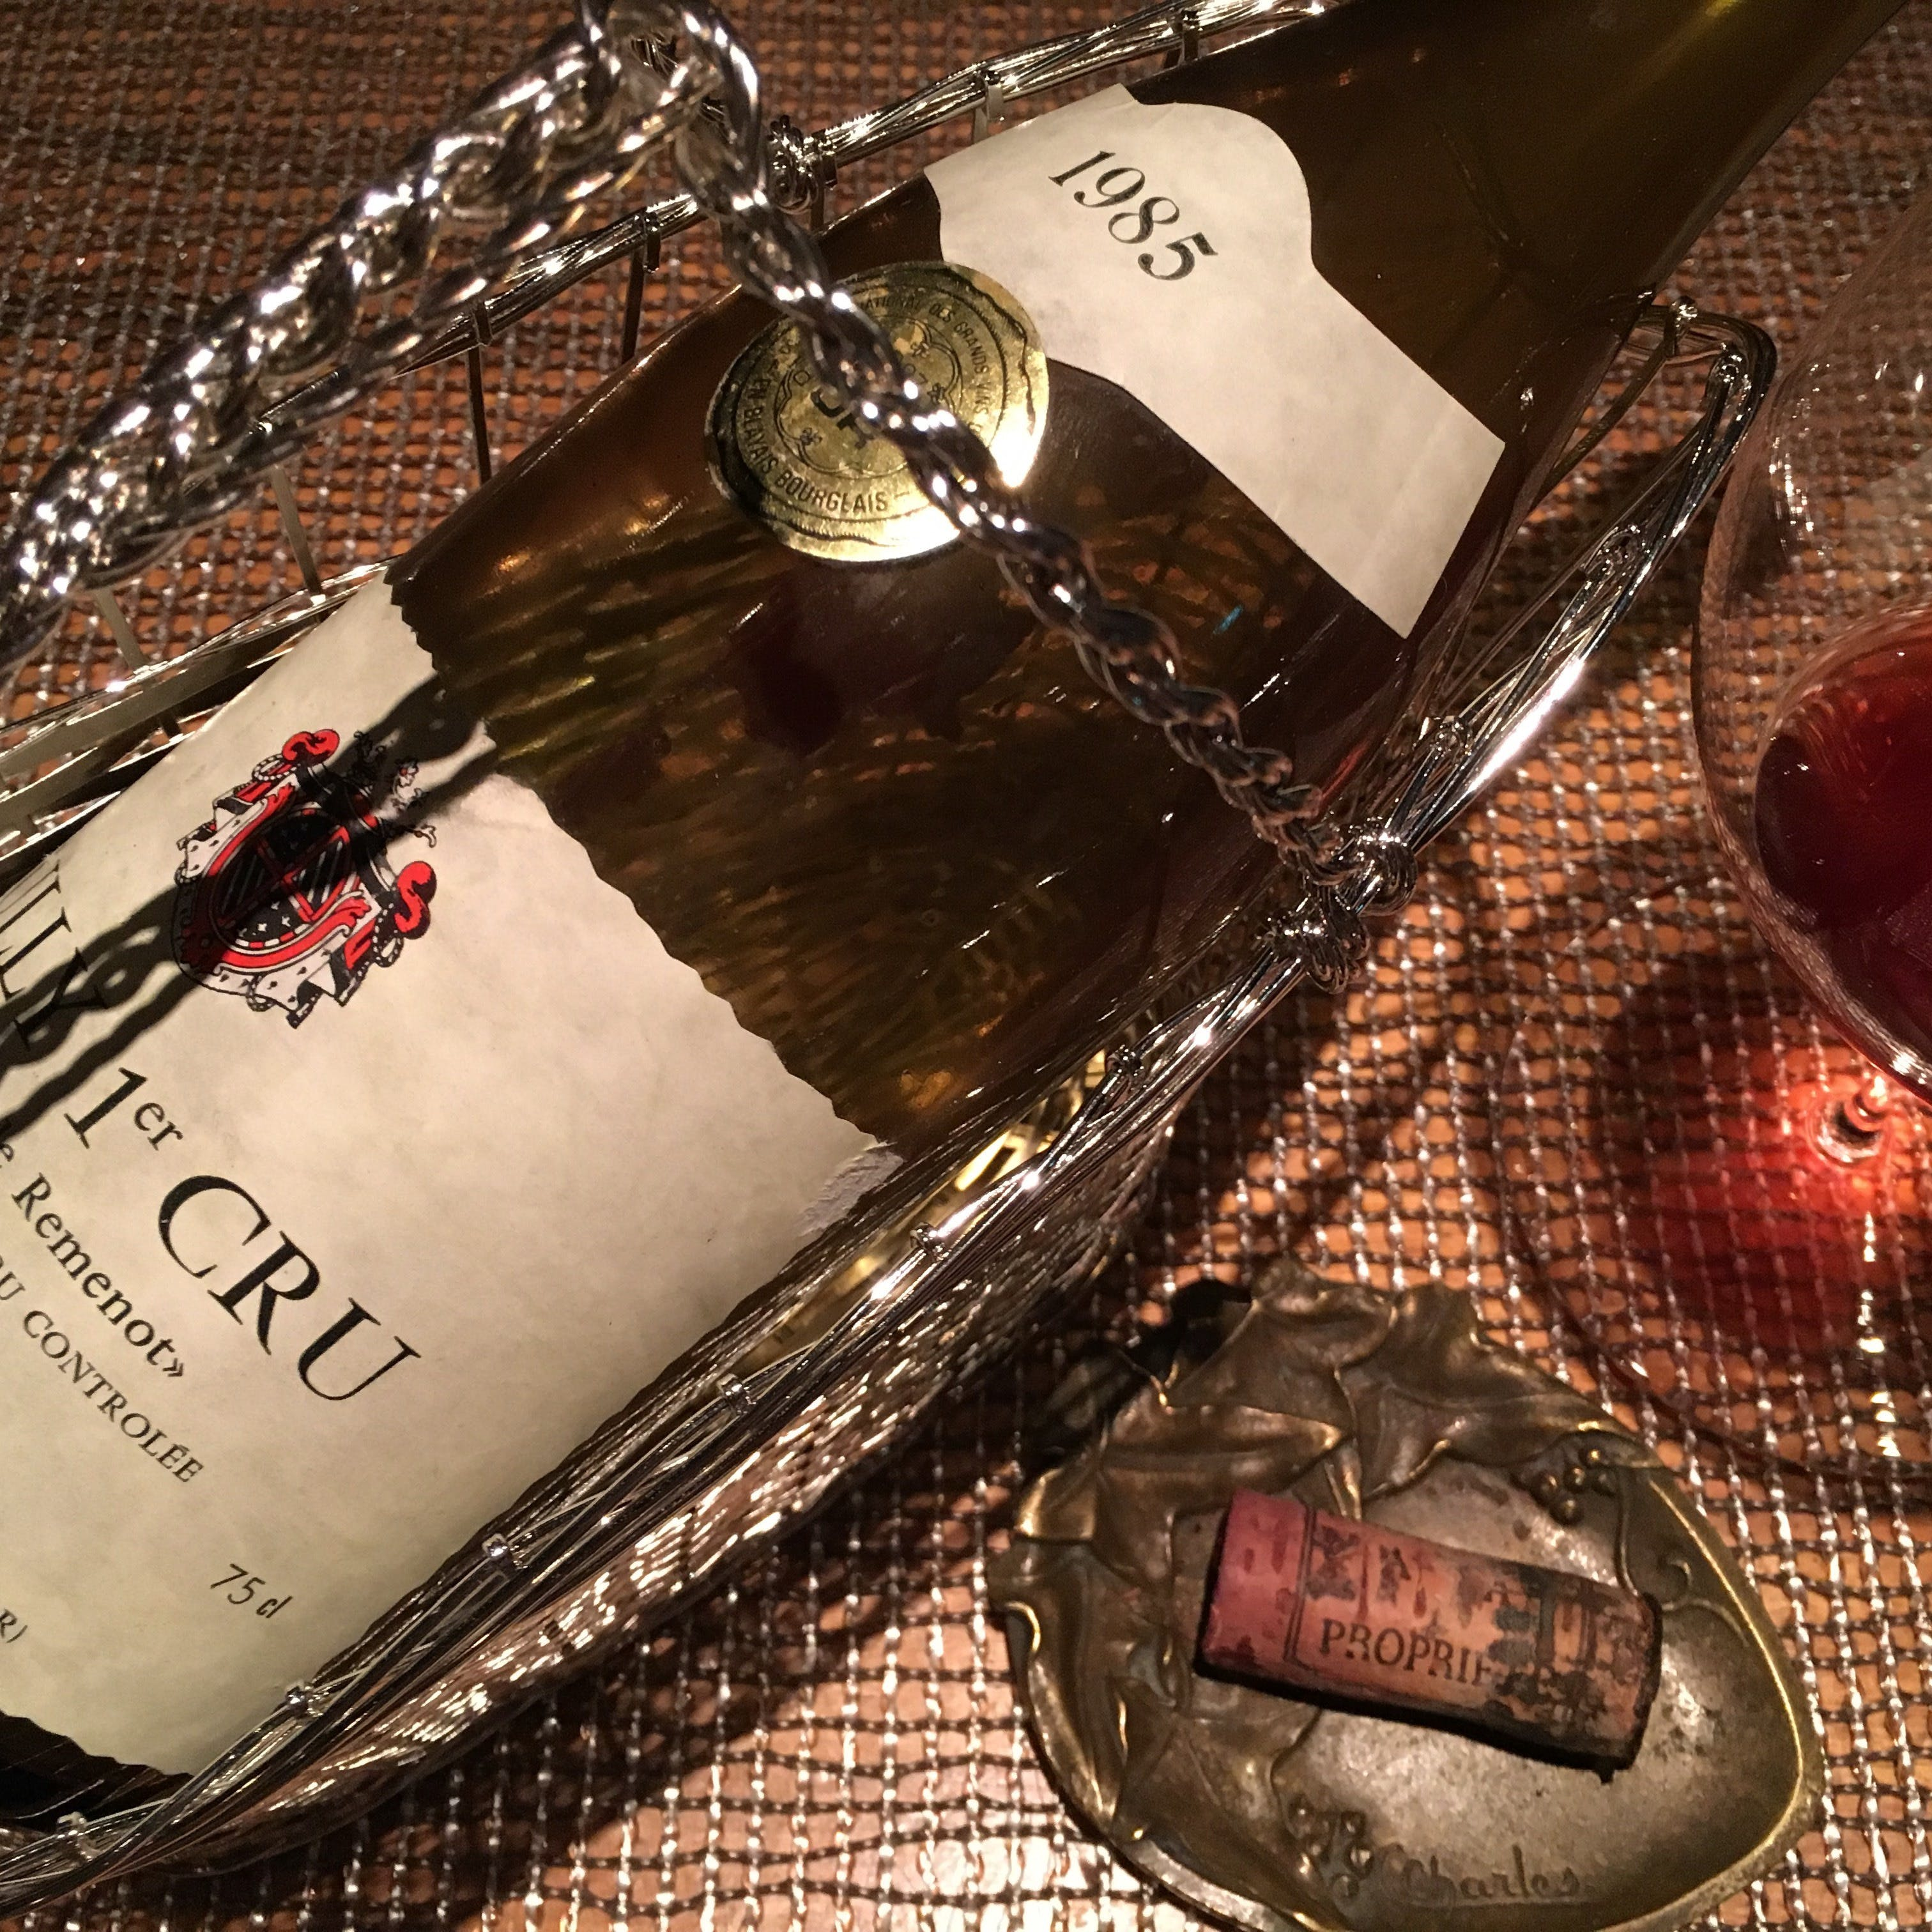 時間と共に香りと味が変化する古酒ワイン